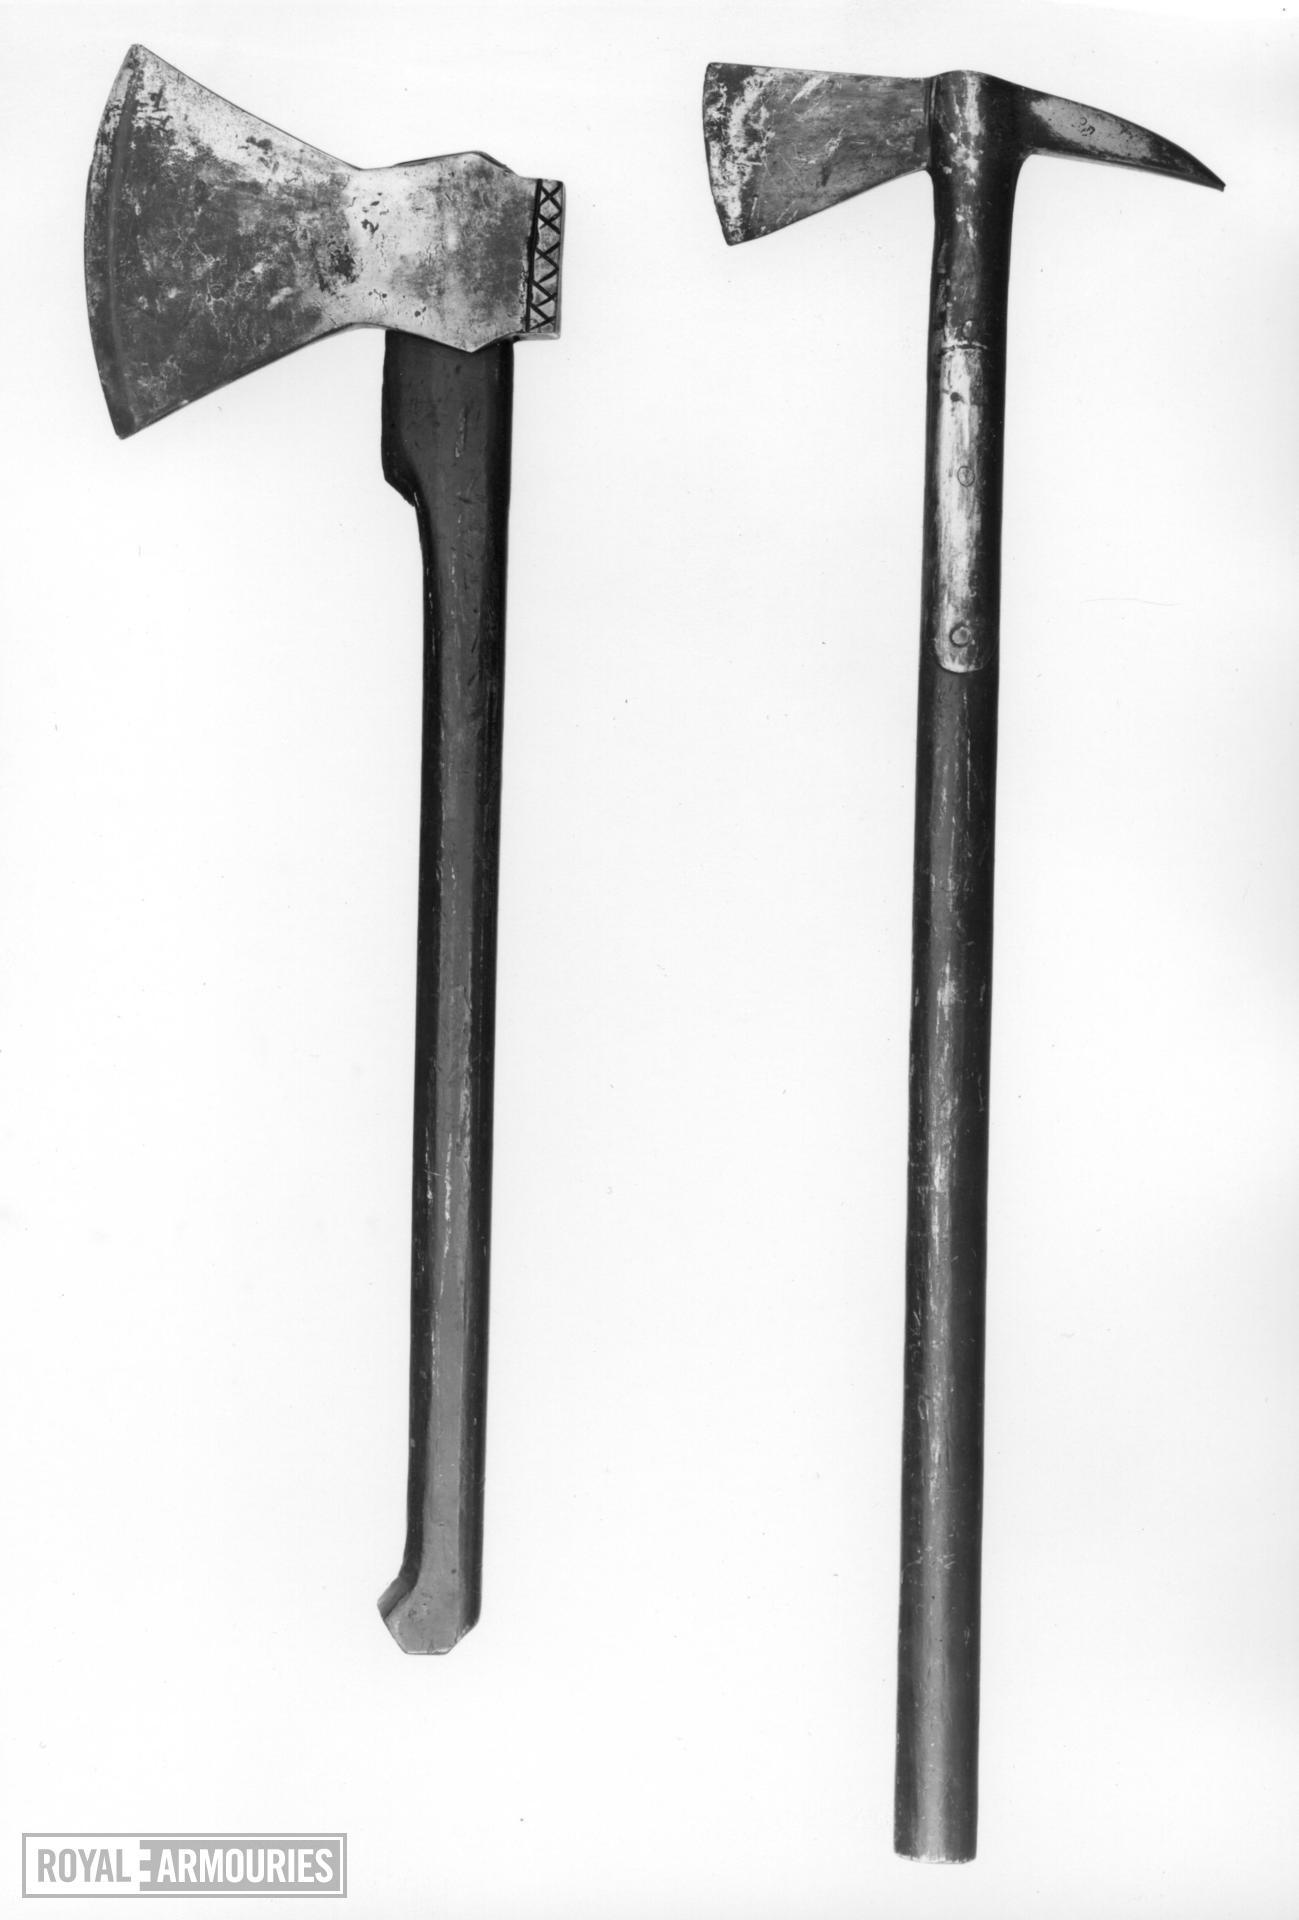 Axe Pioneer's axe